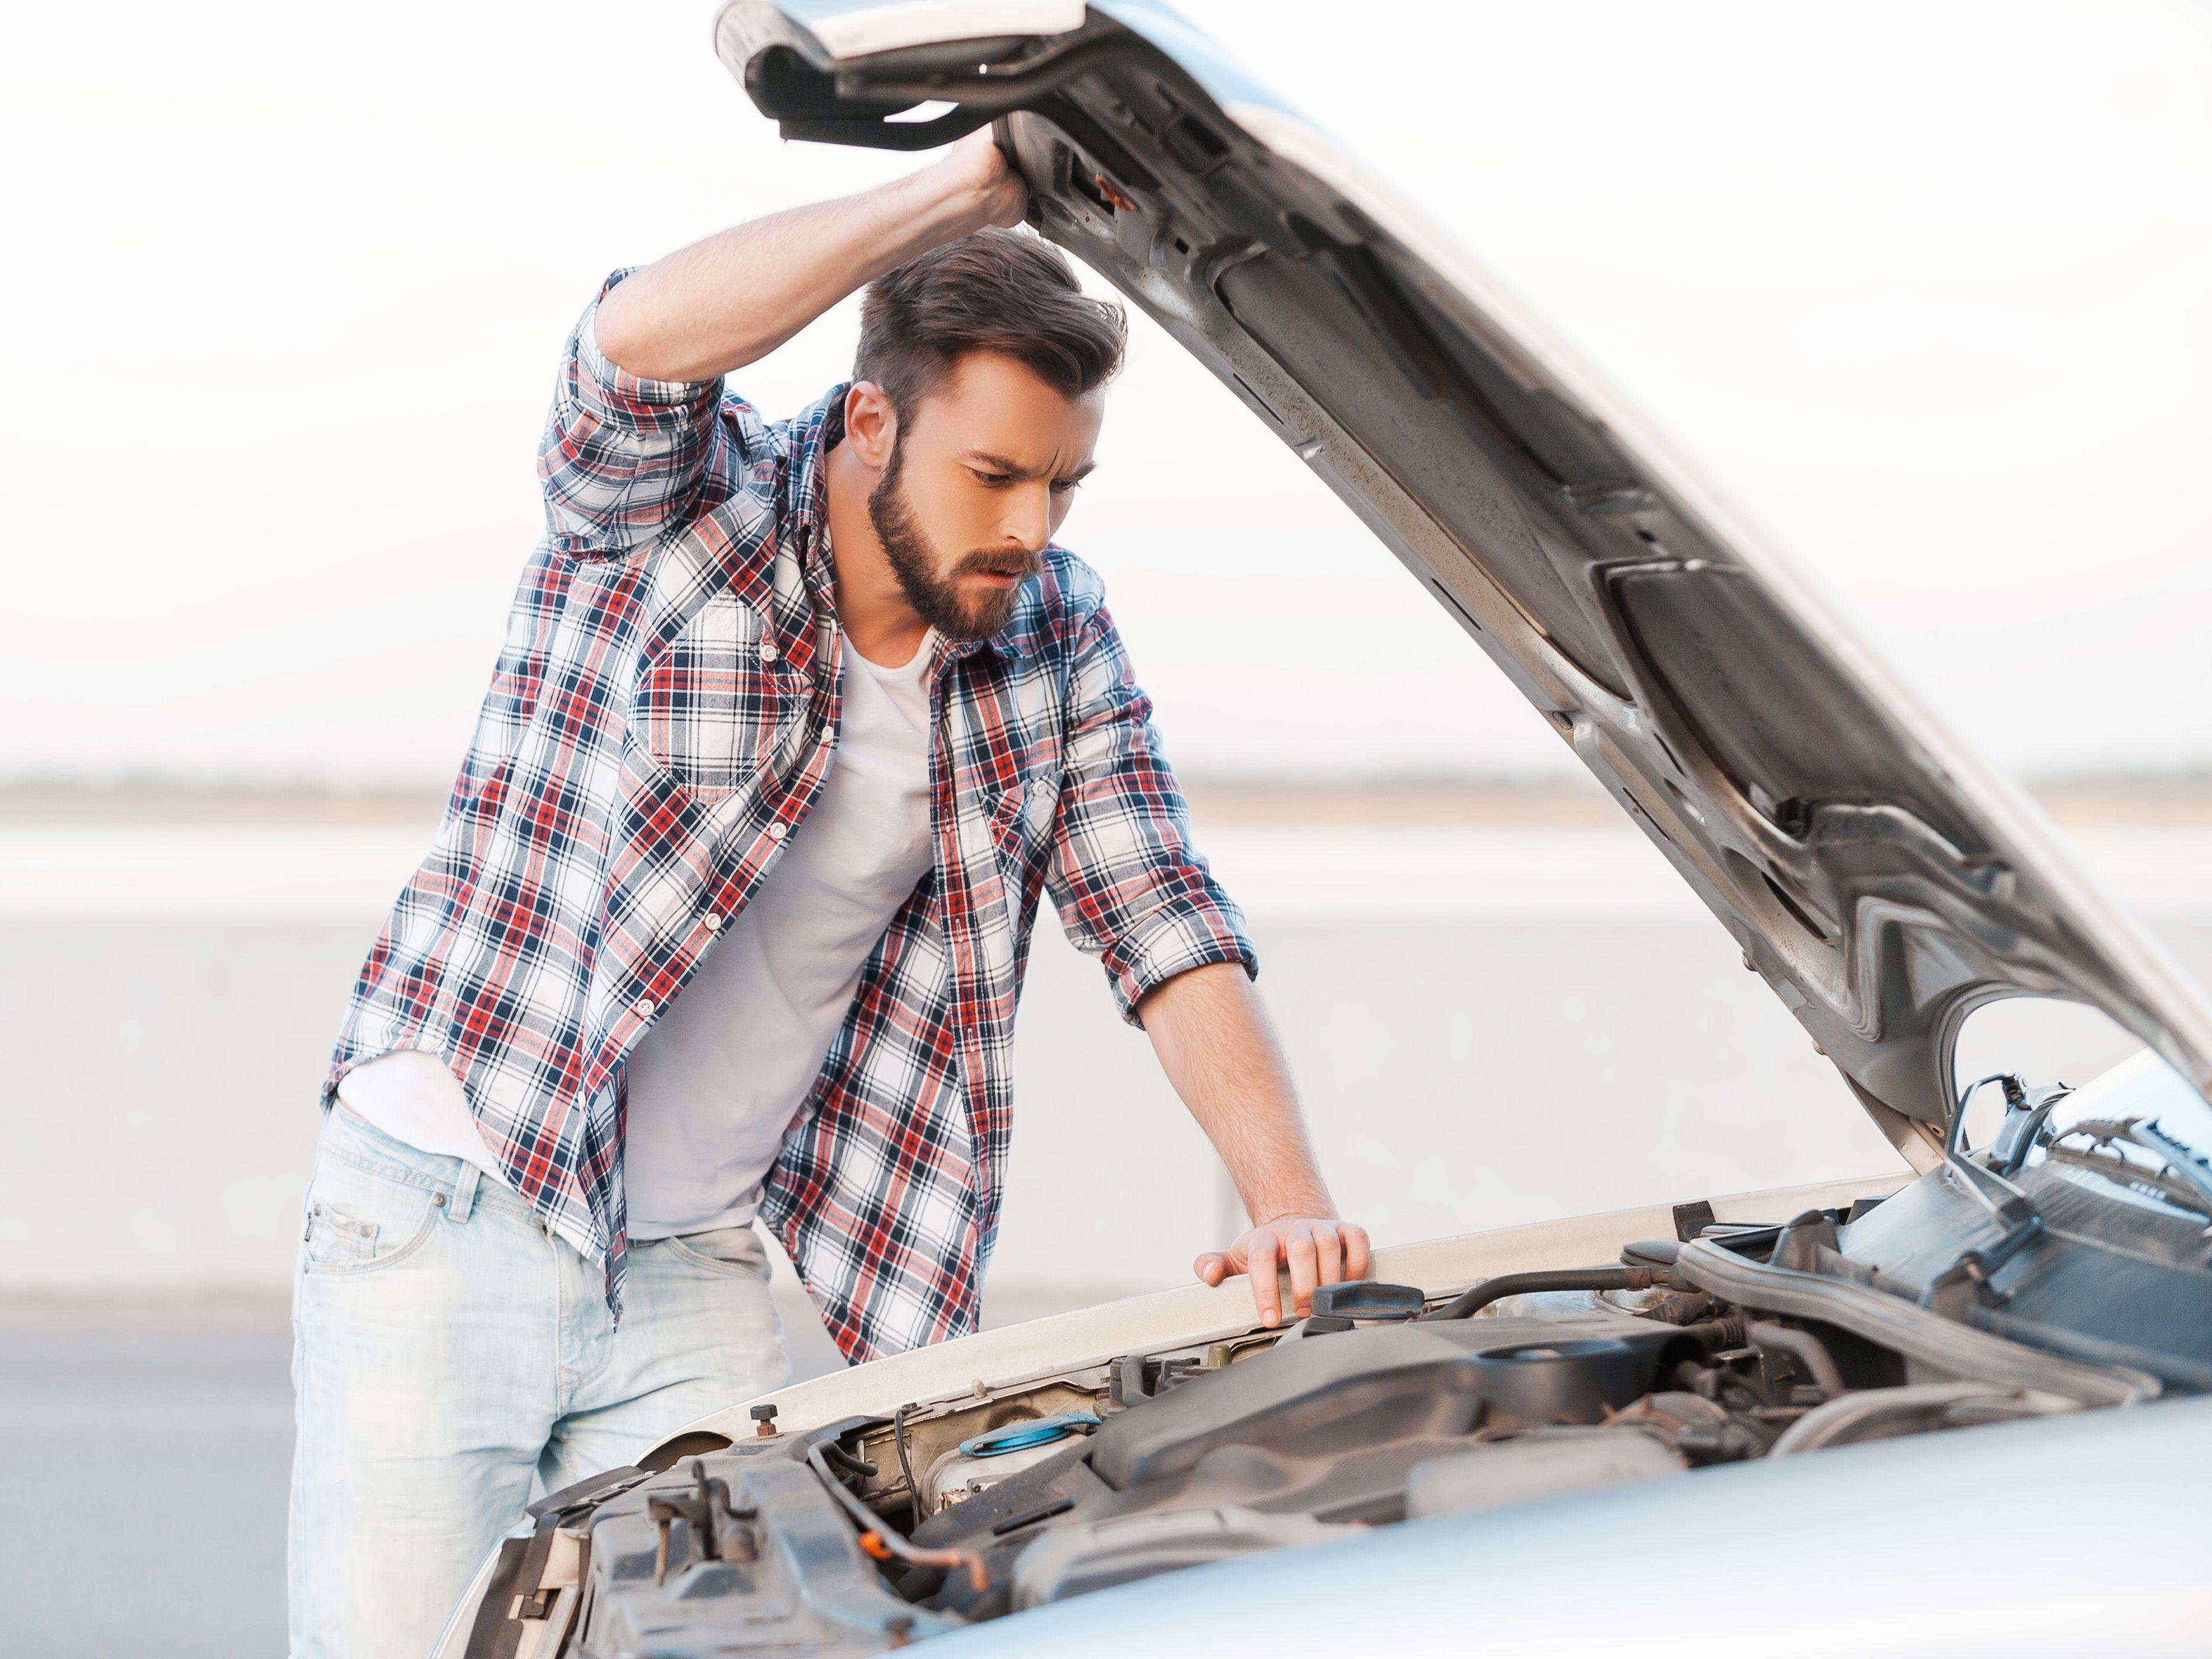 3. Brush Up on Basic Auto Mechanics